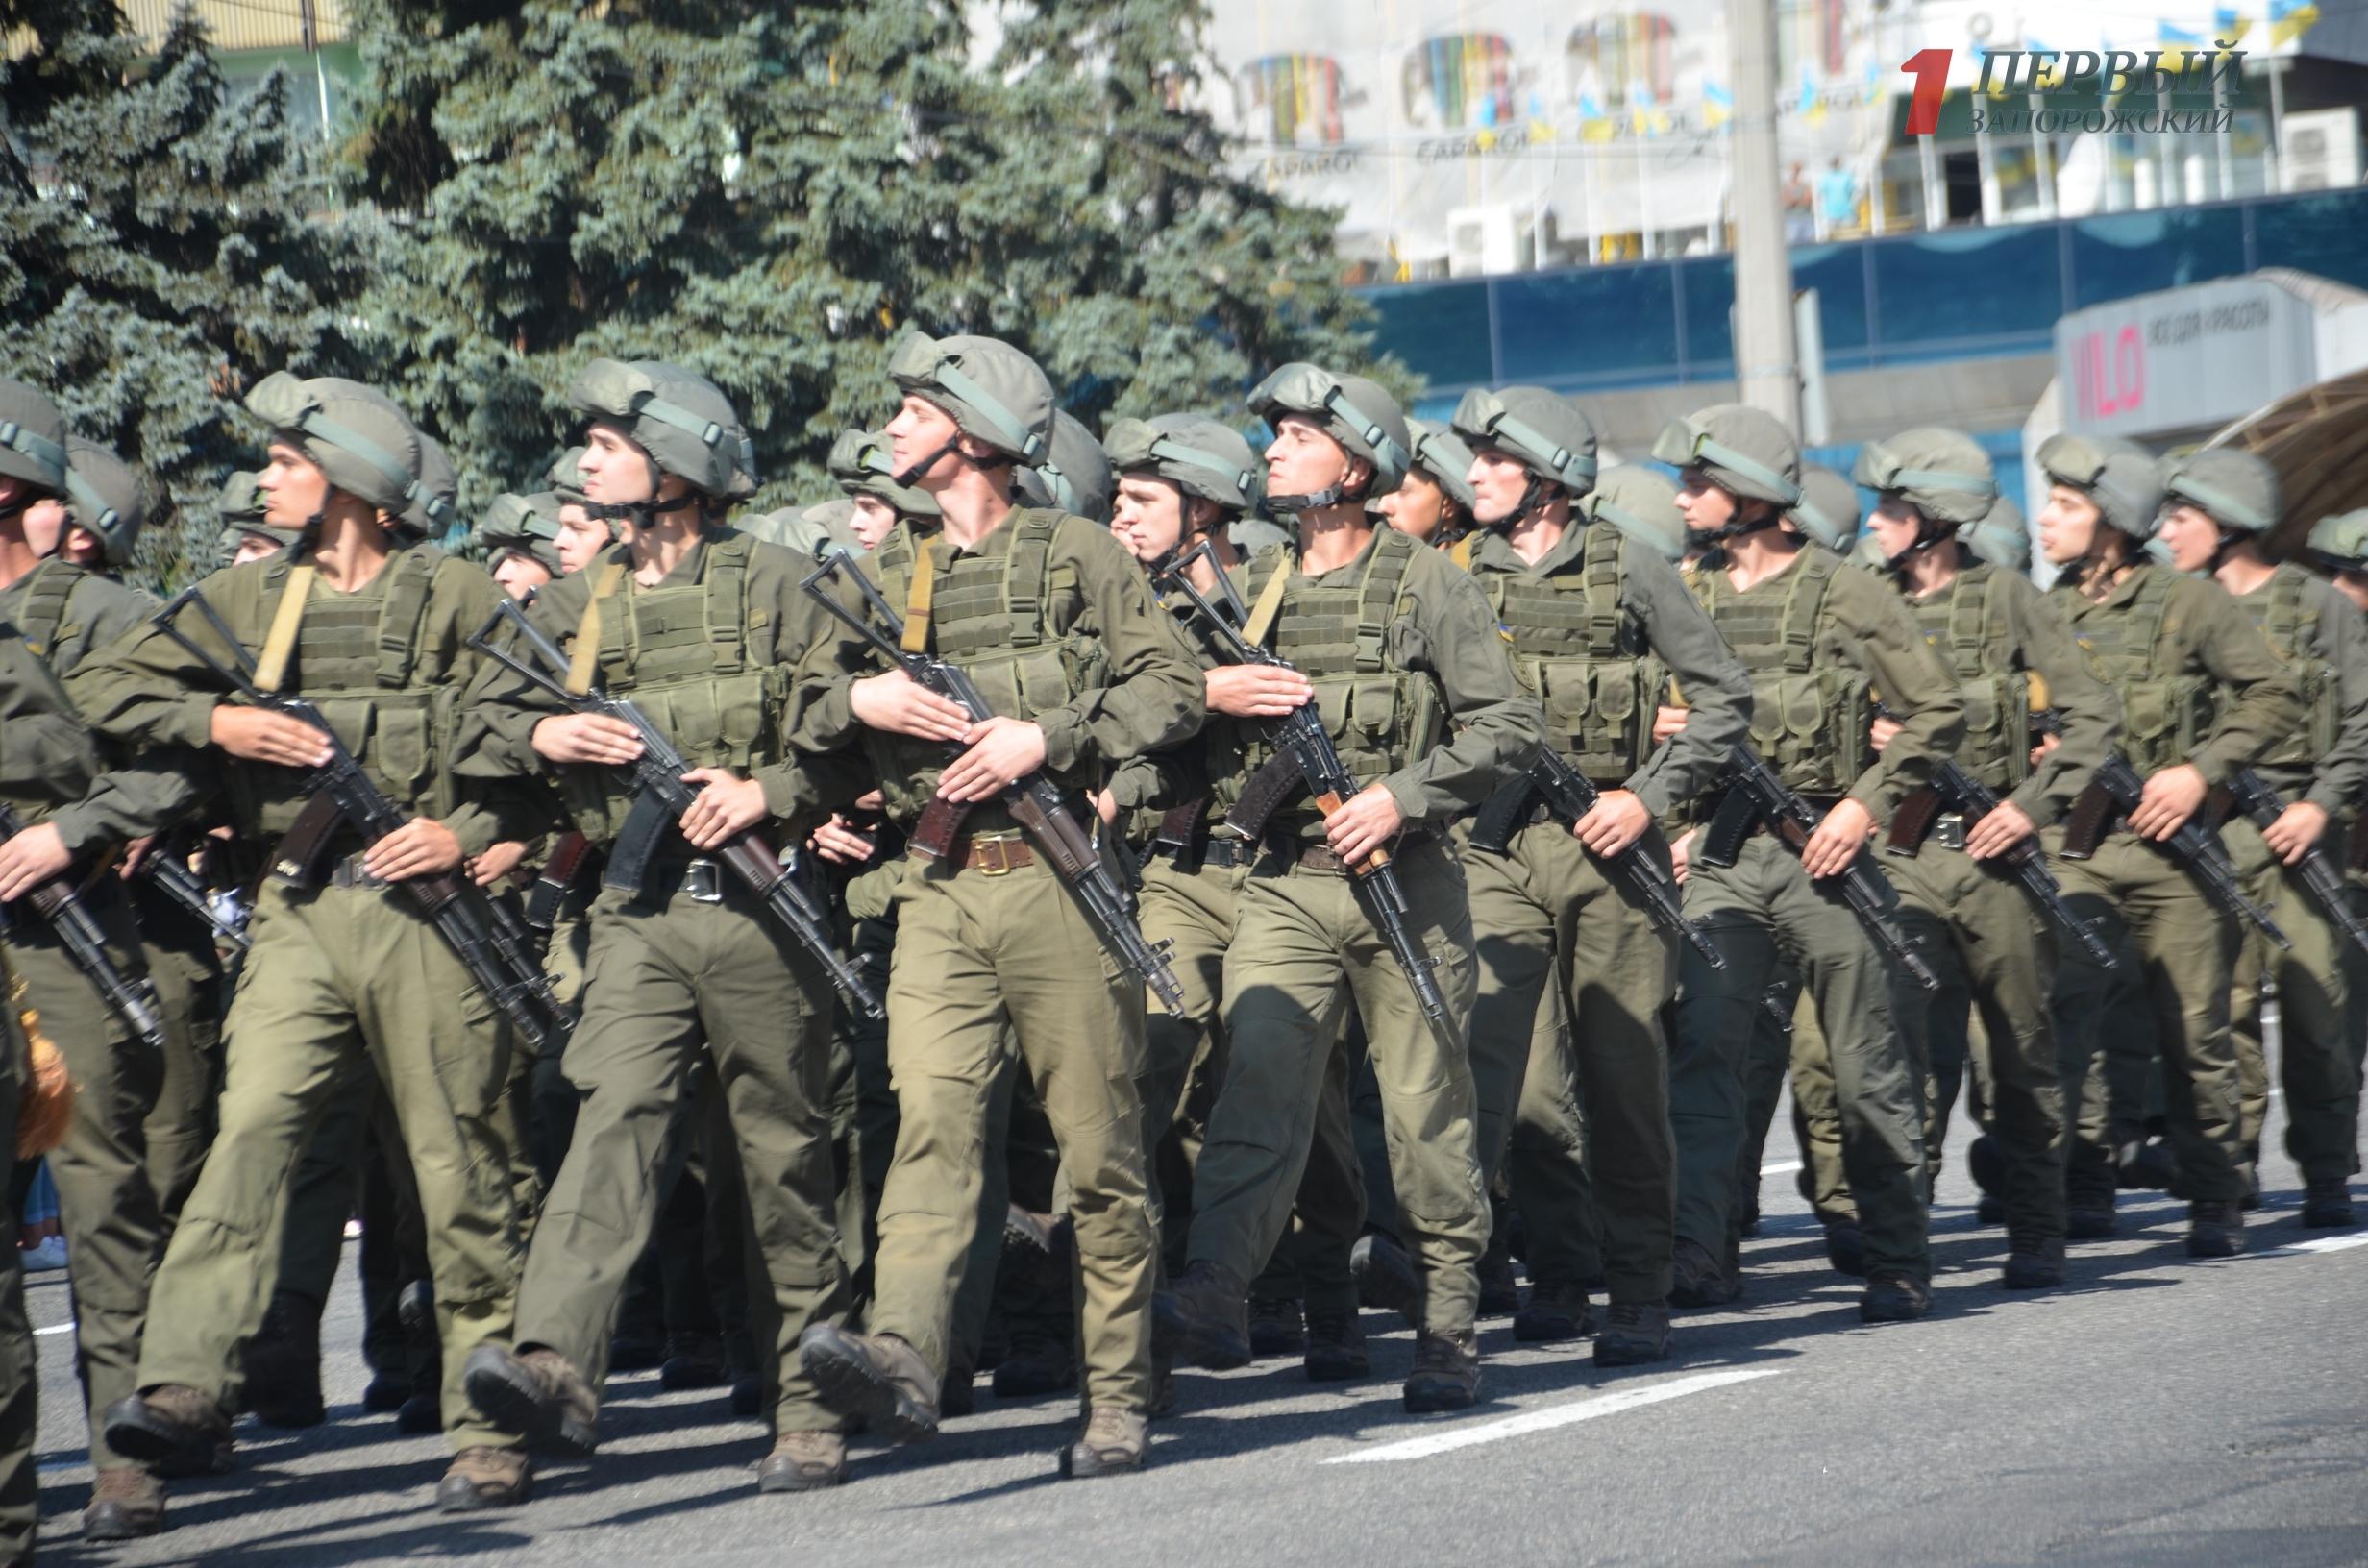 Марш войск, патриотичный флешмоб и выставка техники: как в Запорожье празднуют День Независимости - ФОТО, ВИДЕО